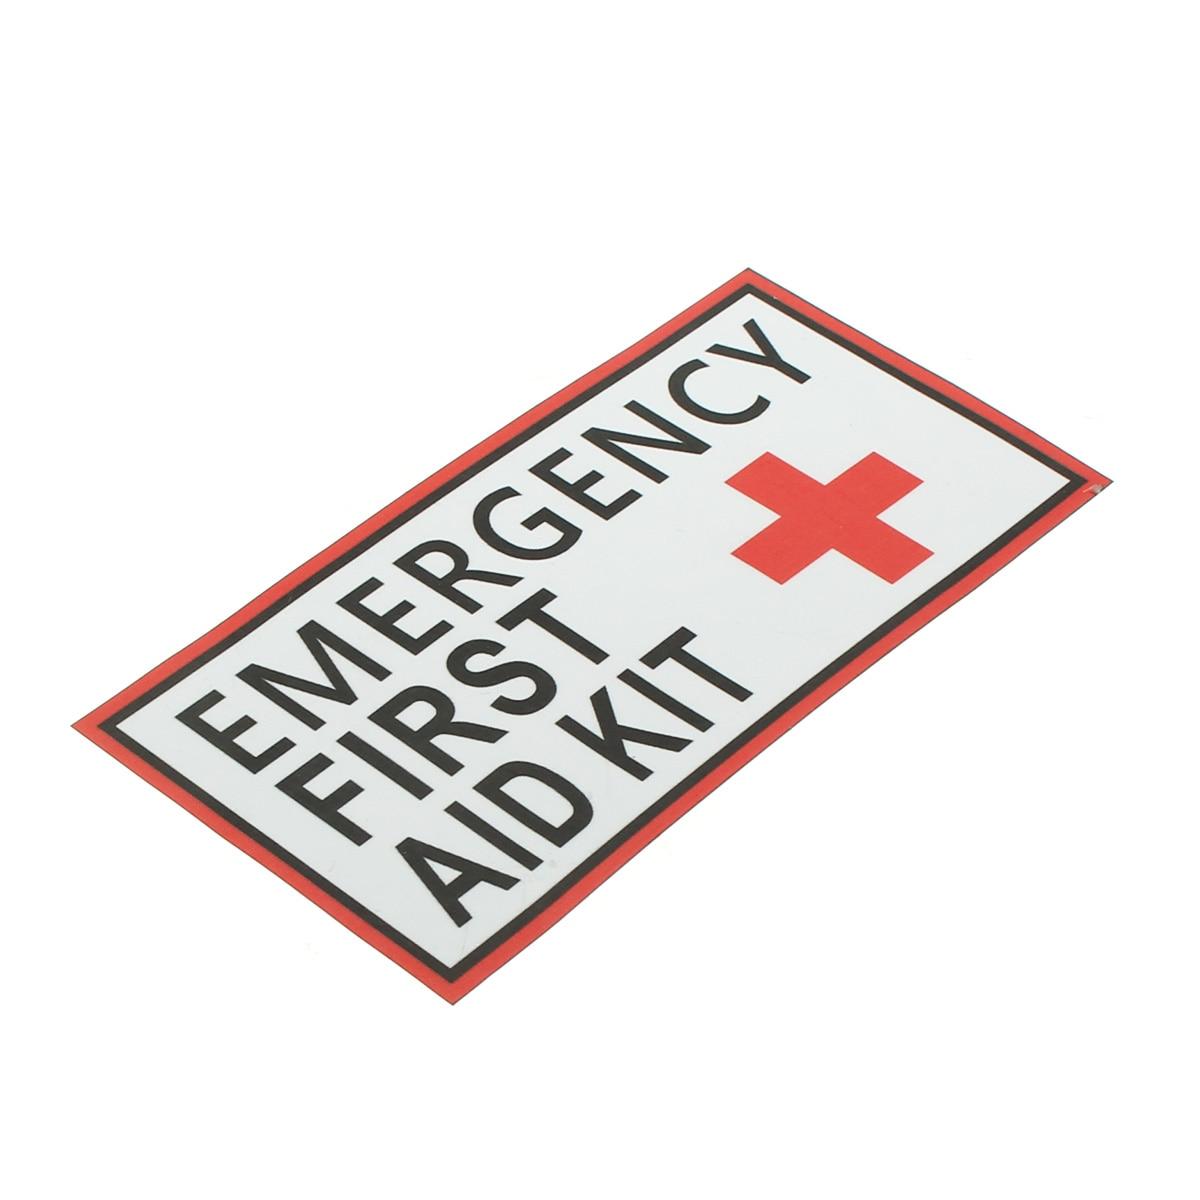 Виниловая наклейка для экстренных случаев, 4 размера, водонепроницаемая наклейка с красным крестом